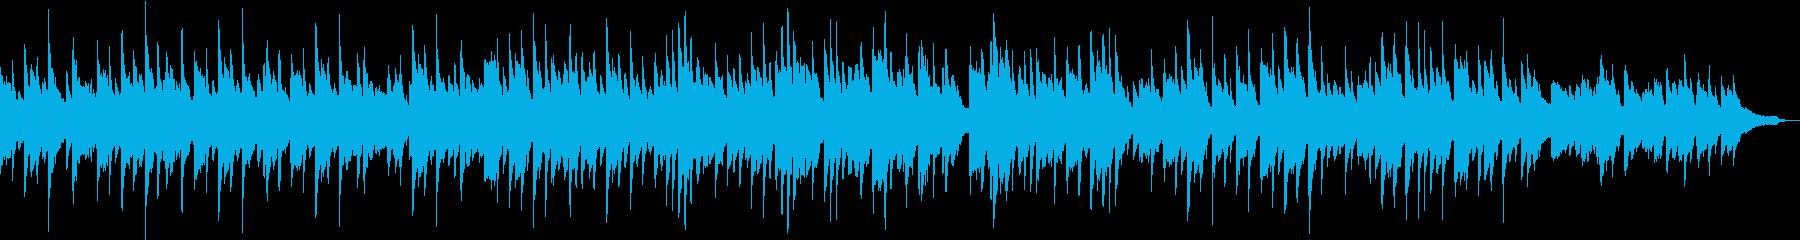 温もりのある癒しピアノ/おやすみBGMの再生済みの波形